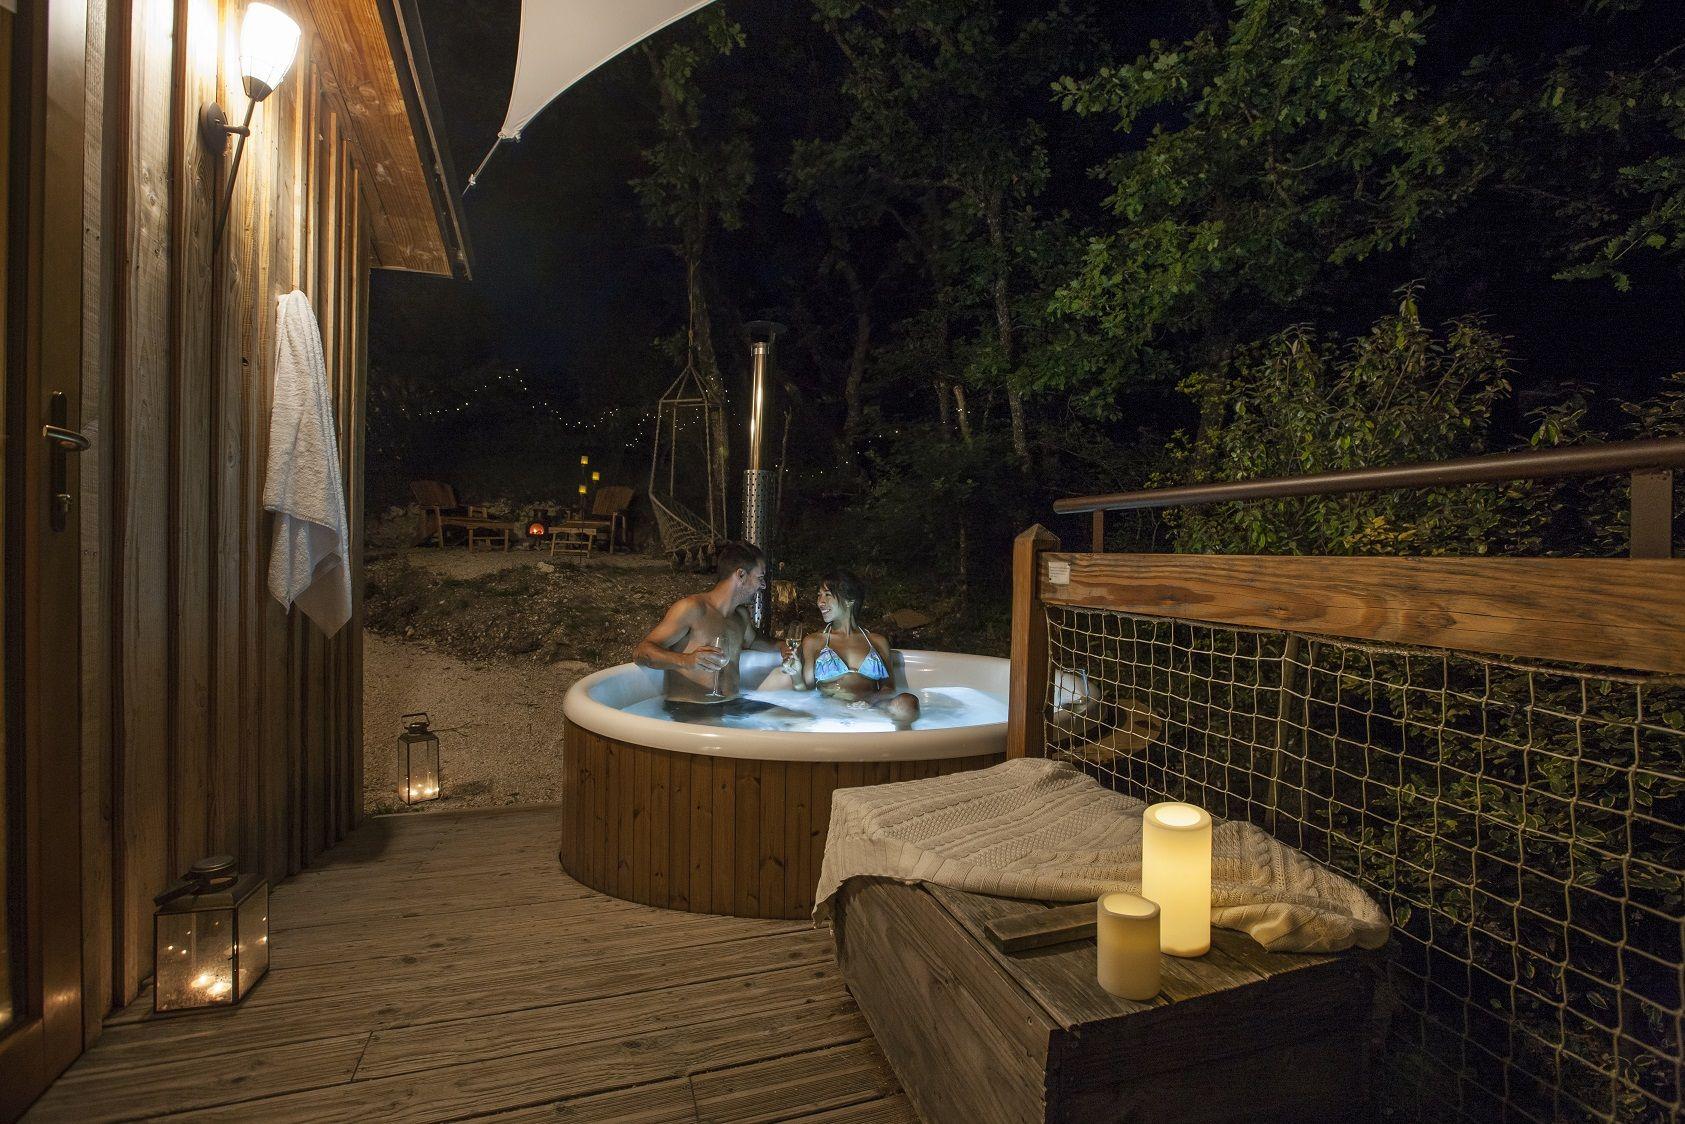 Cabanes Avec Spa Ecologique Privatif Et Sauna Pour Une Escapade Romantique Et Nature Slow Nature Cabane Treehouse Cabin Wood Cabin Hot T Cabane Spa Cabane Spa